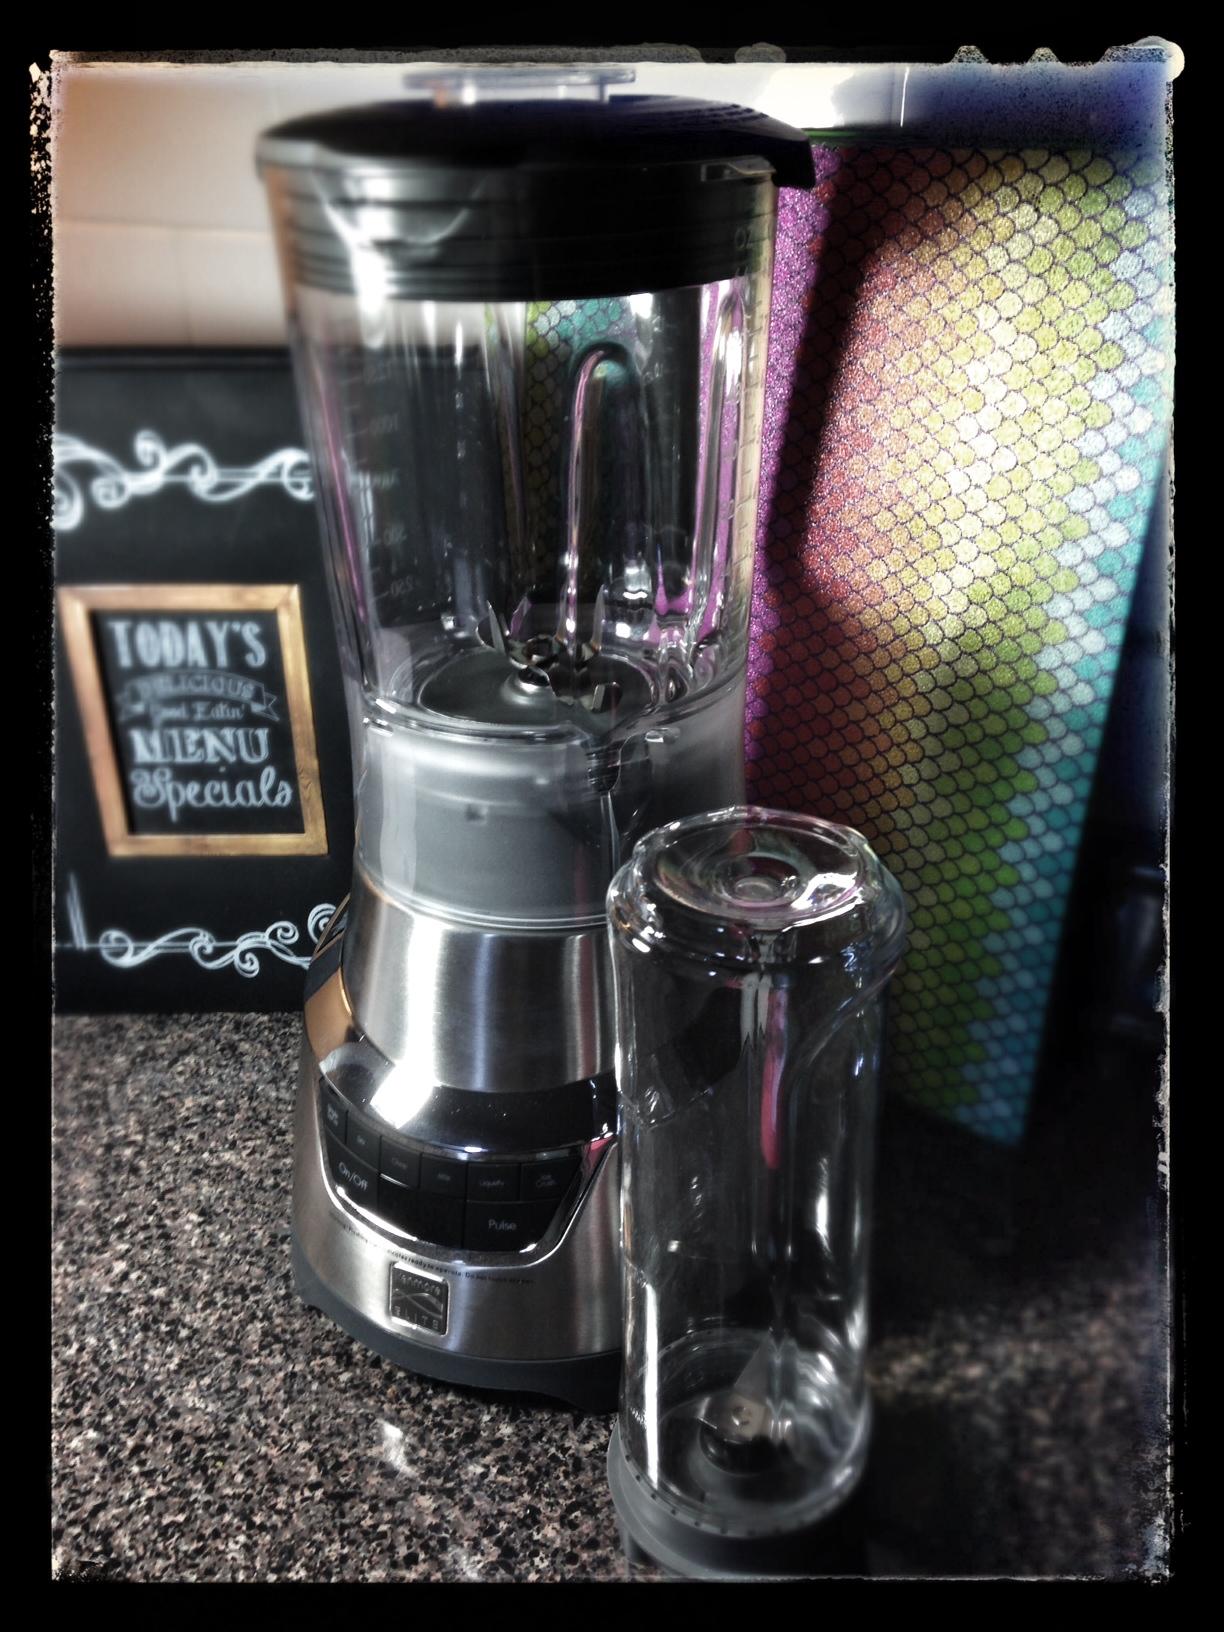 kenmore blender. sample provided. holy kenmore blender